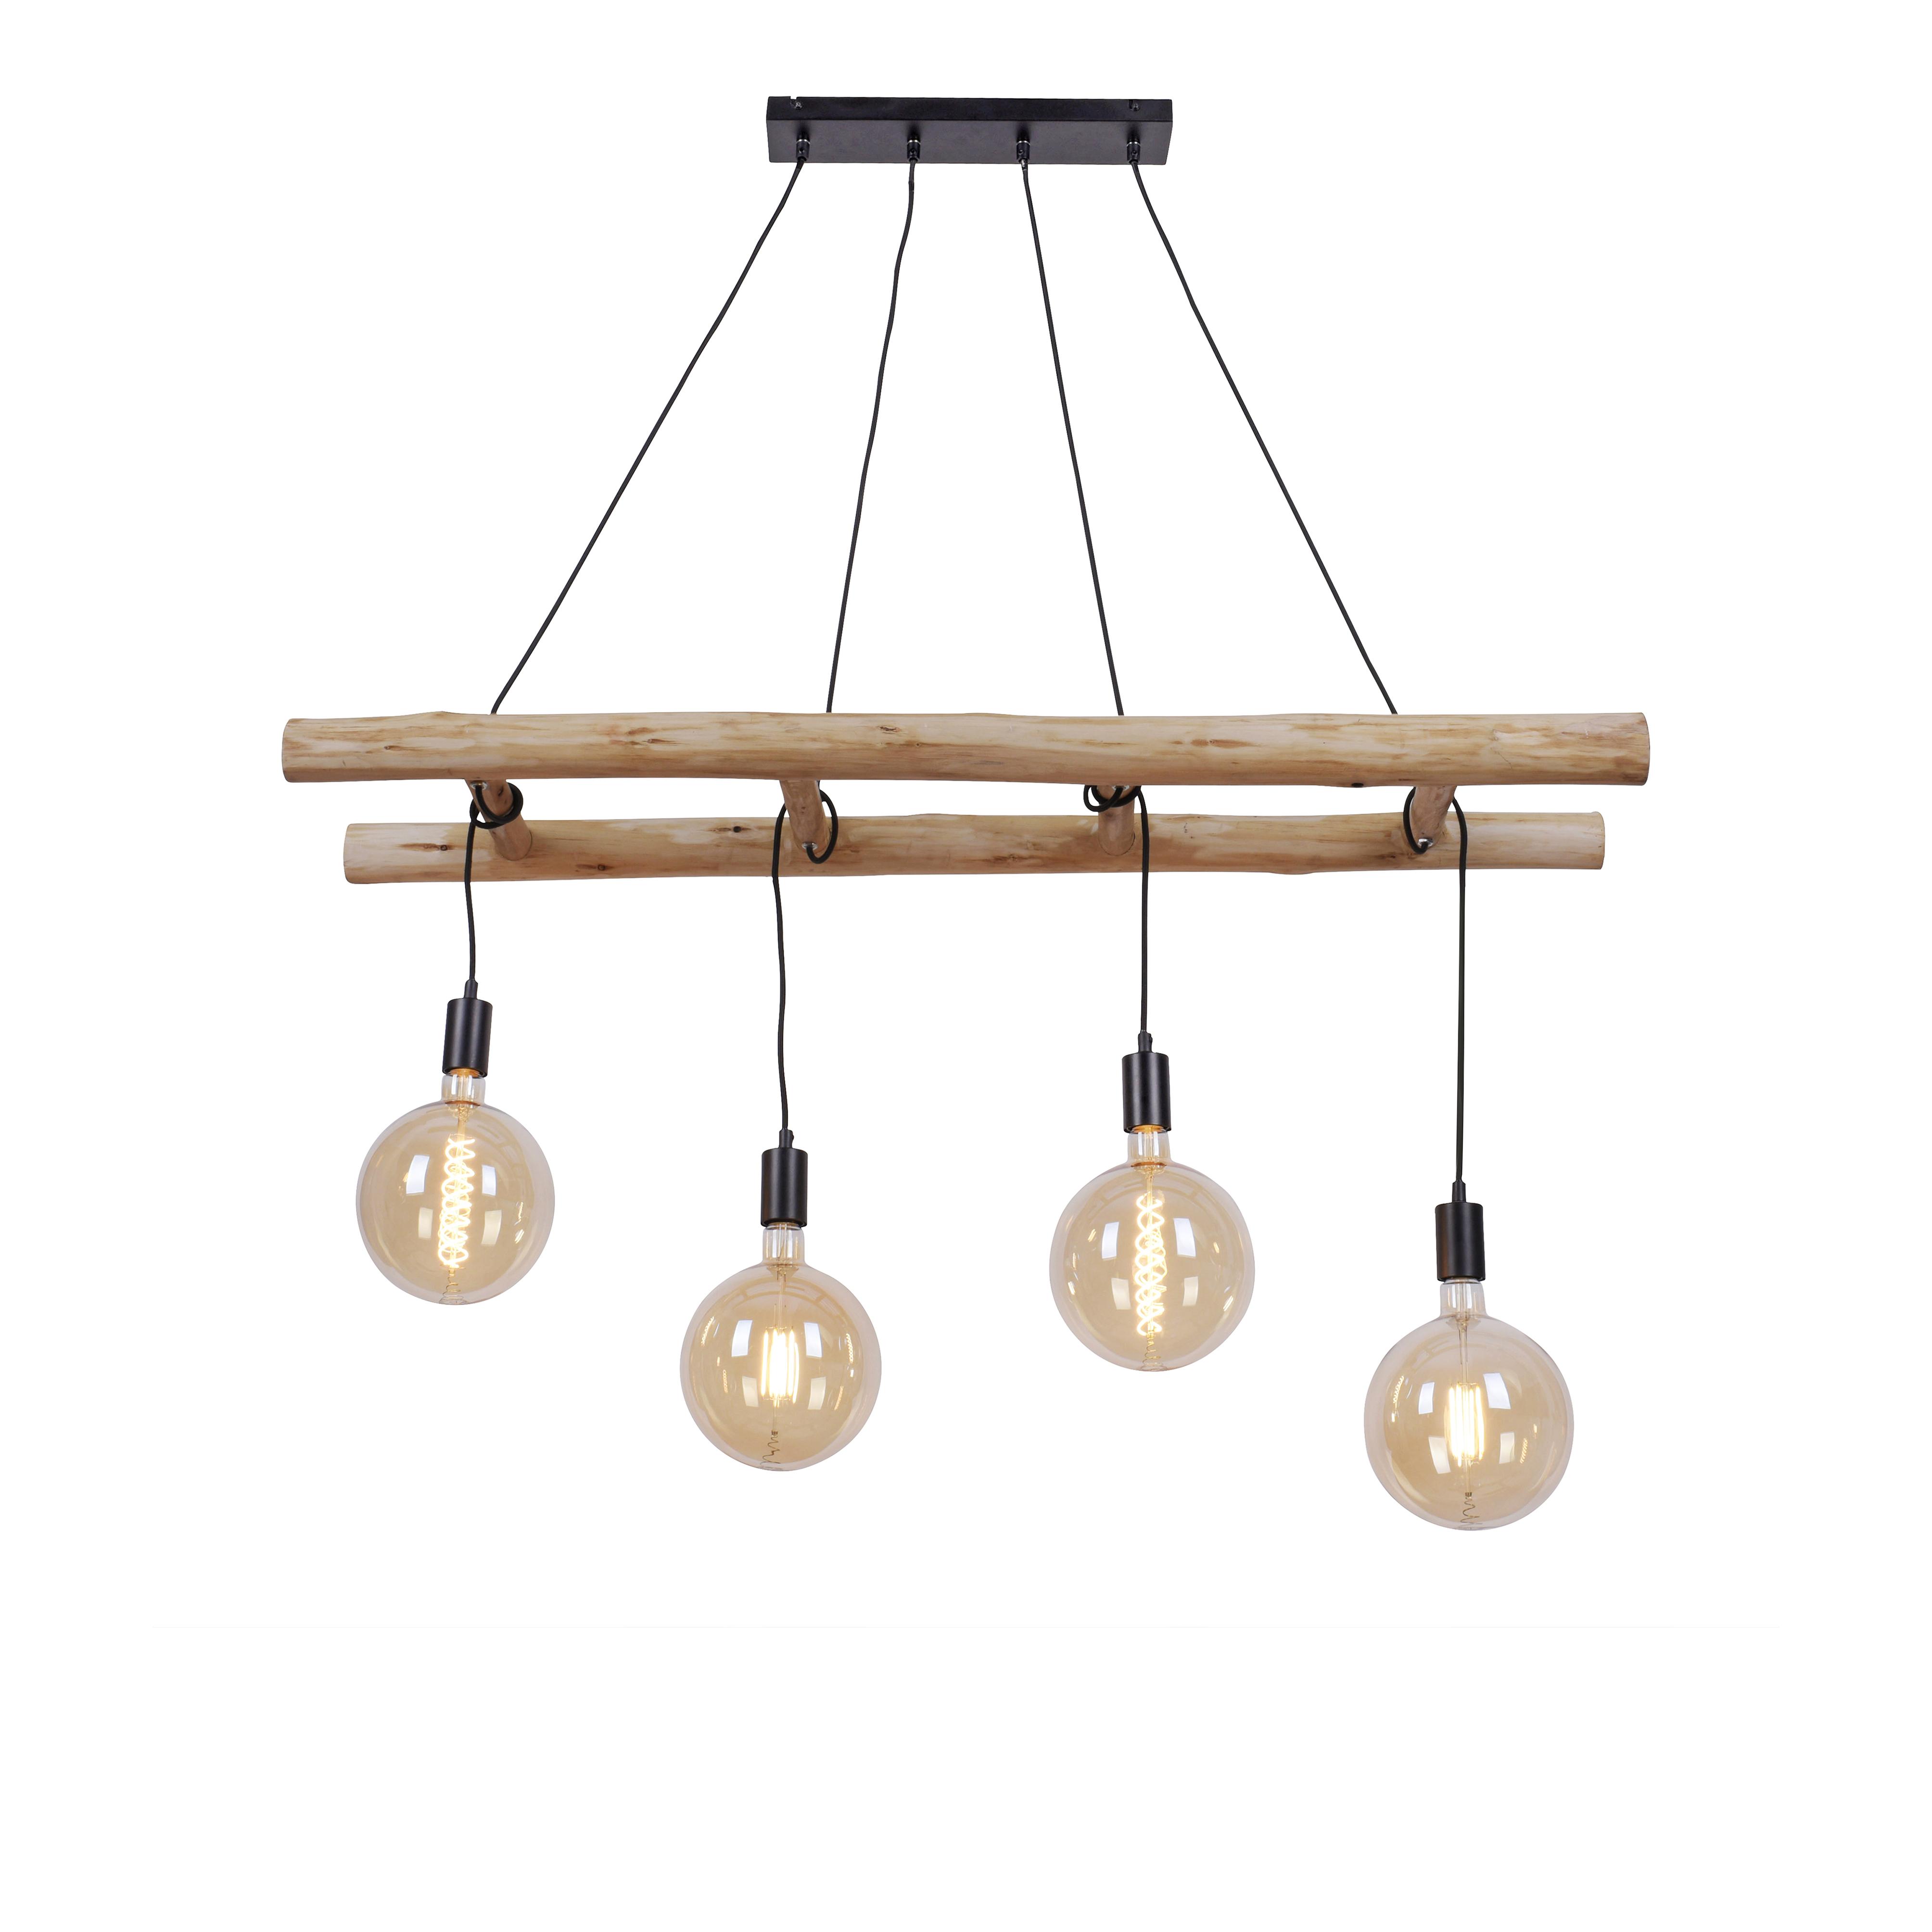 Landelijk hanglamp hout 4-lichts - Scala